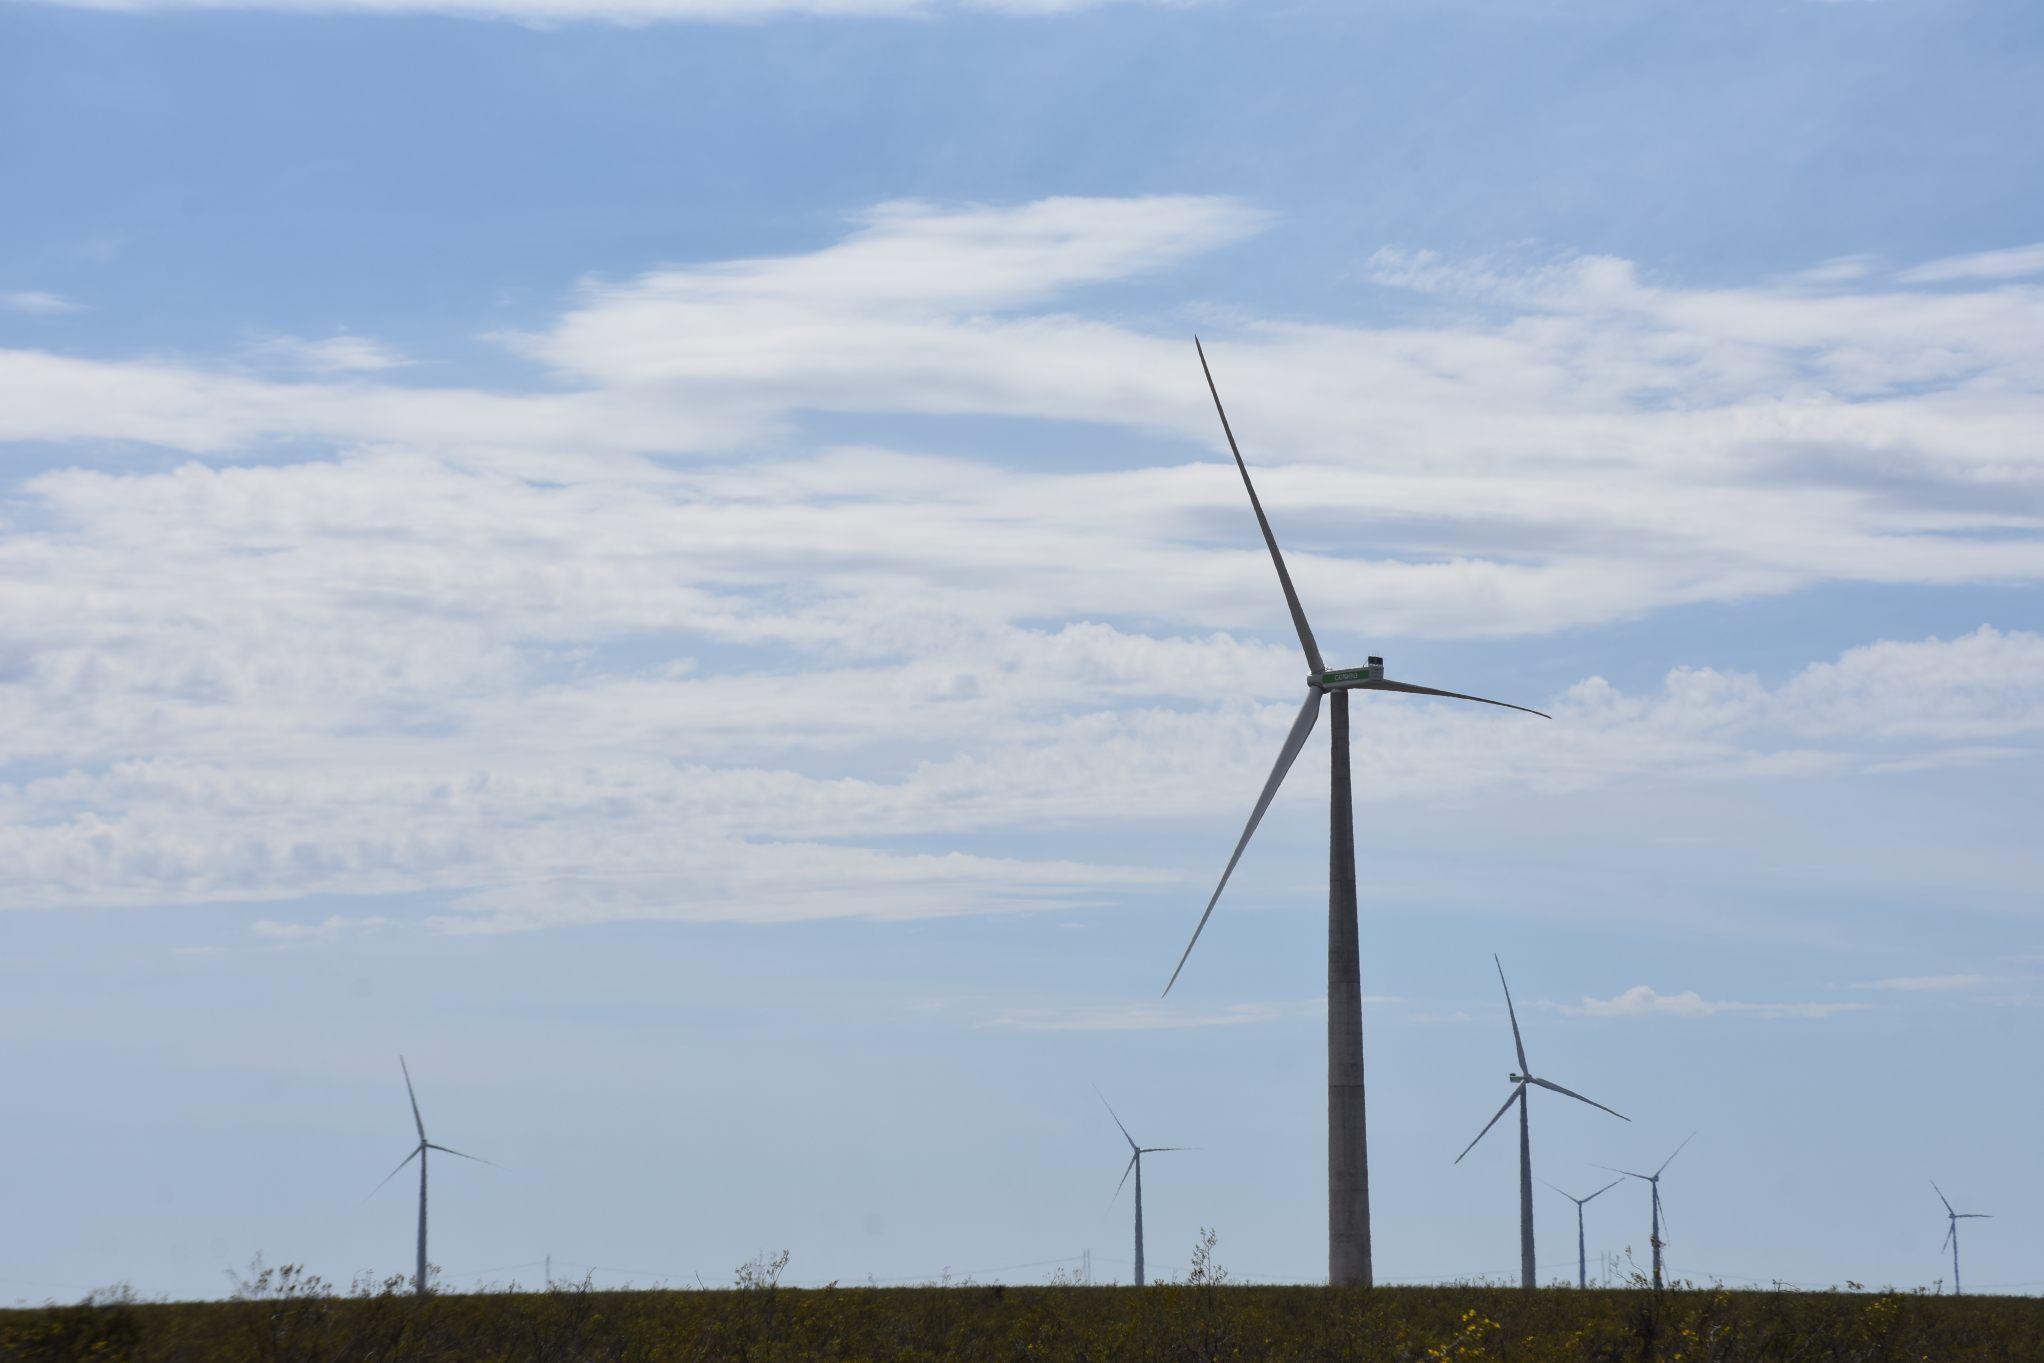 Engie comenzará a trabajar en parque eólico de US$300mn en Perú en el 2S